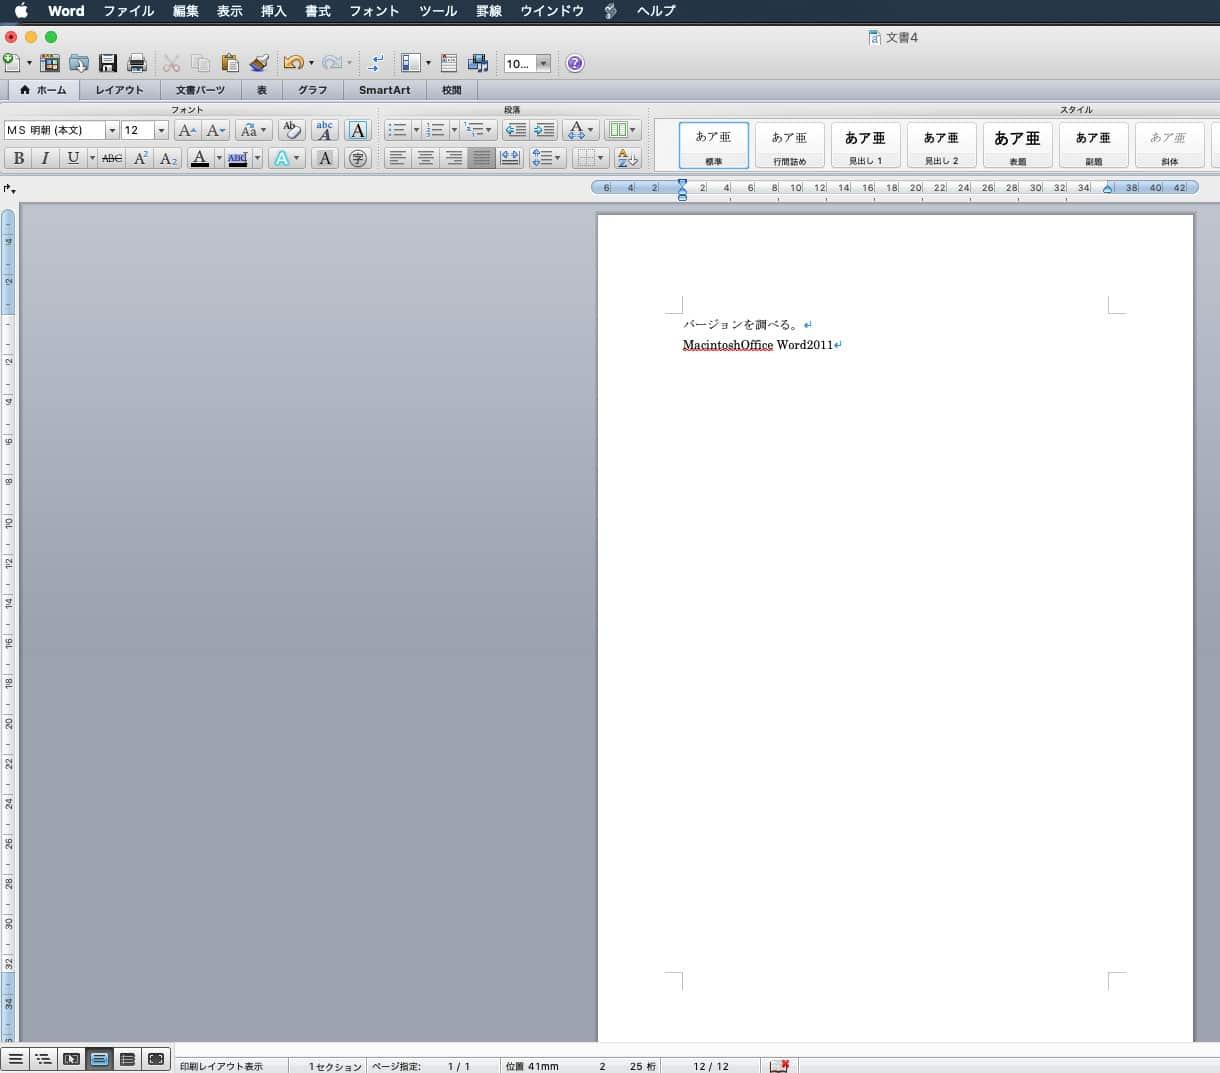 新規でページ作成し、りんごマーク横のWordをクリック。 そのなかにある「Wordについて」を選択しましょう。